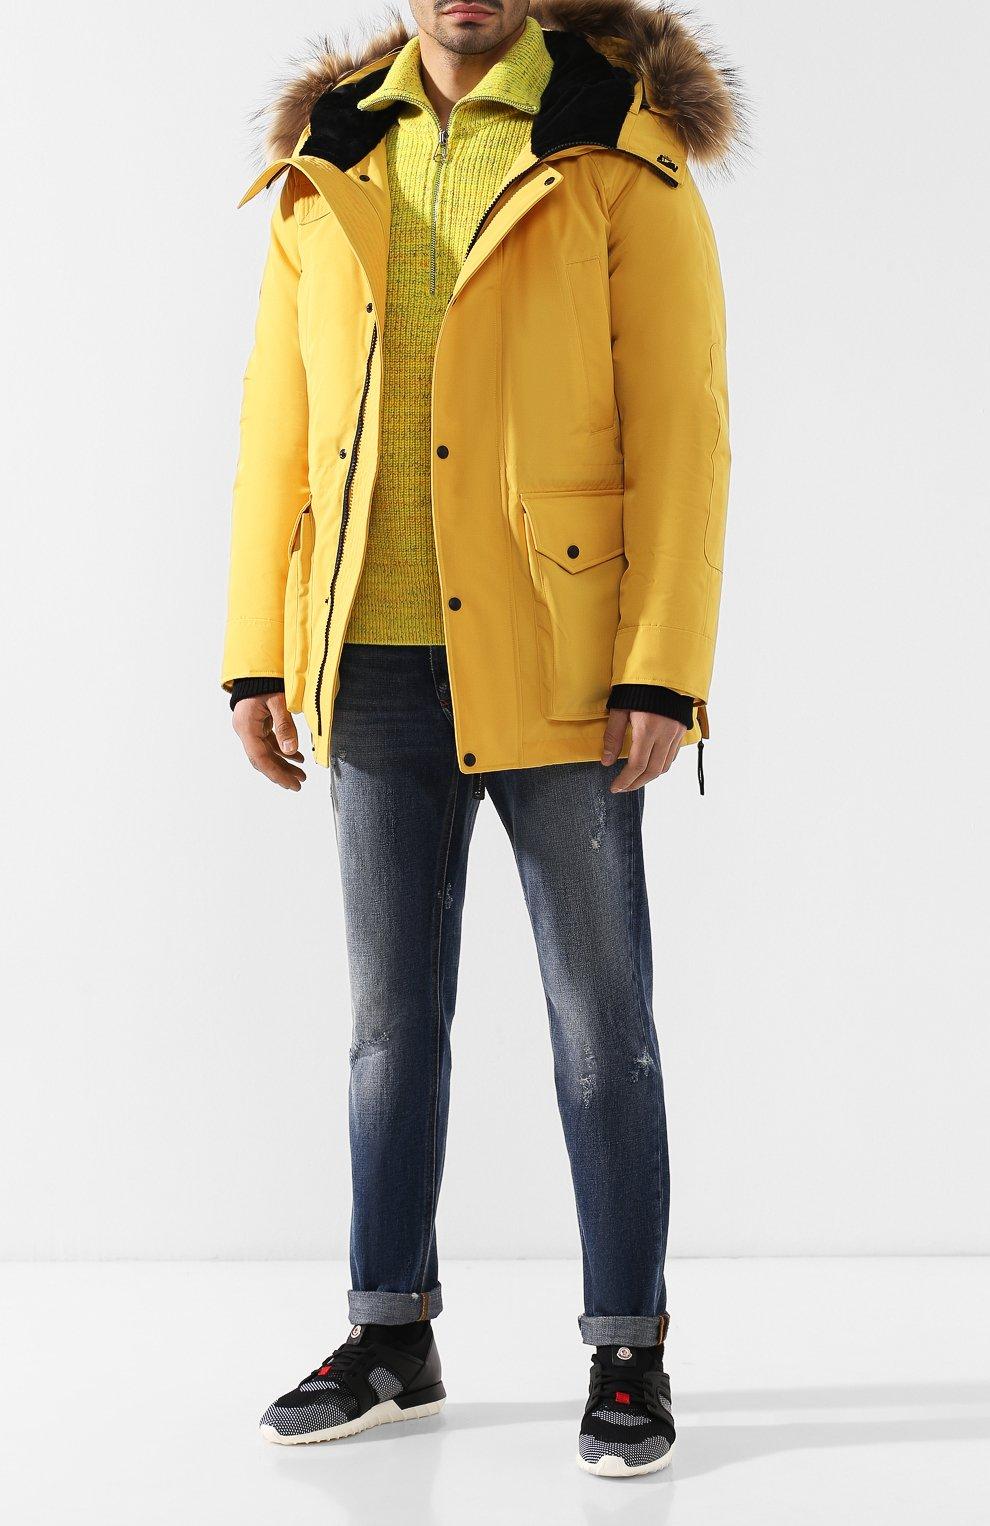 Мужская пуховая парка chill с меховой отделкой капюшона ARCTIC EXPLORER желтого цвета, арт. CHILL_YELLOW | Фото 2